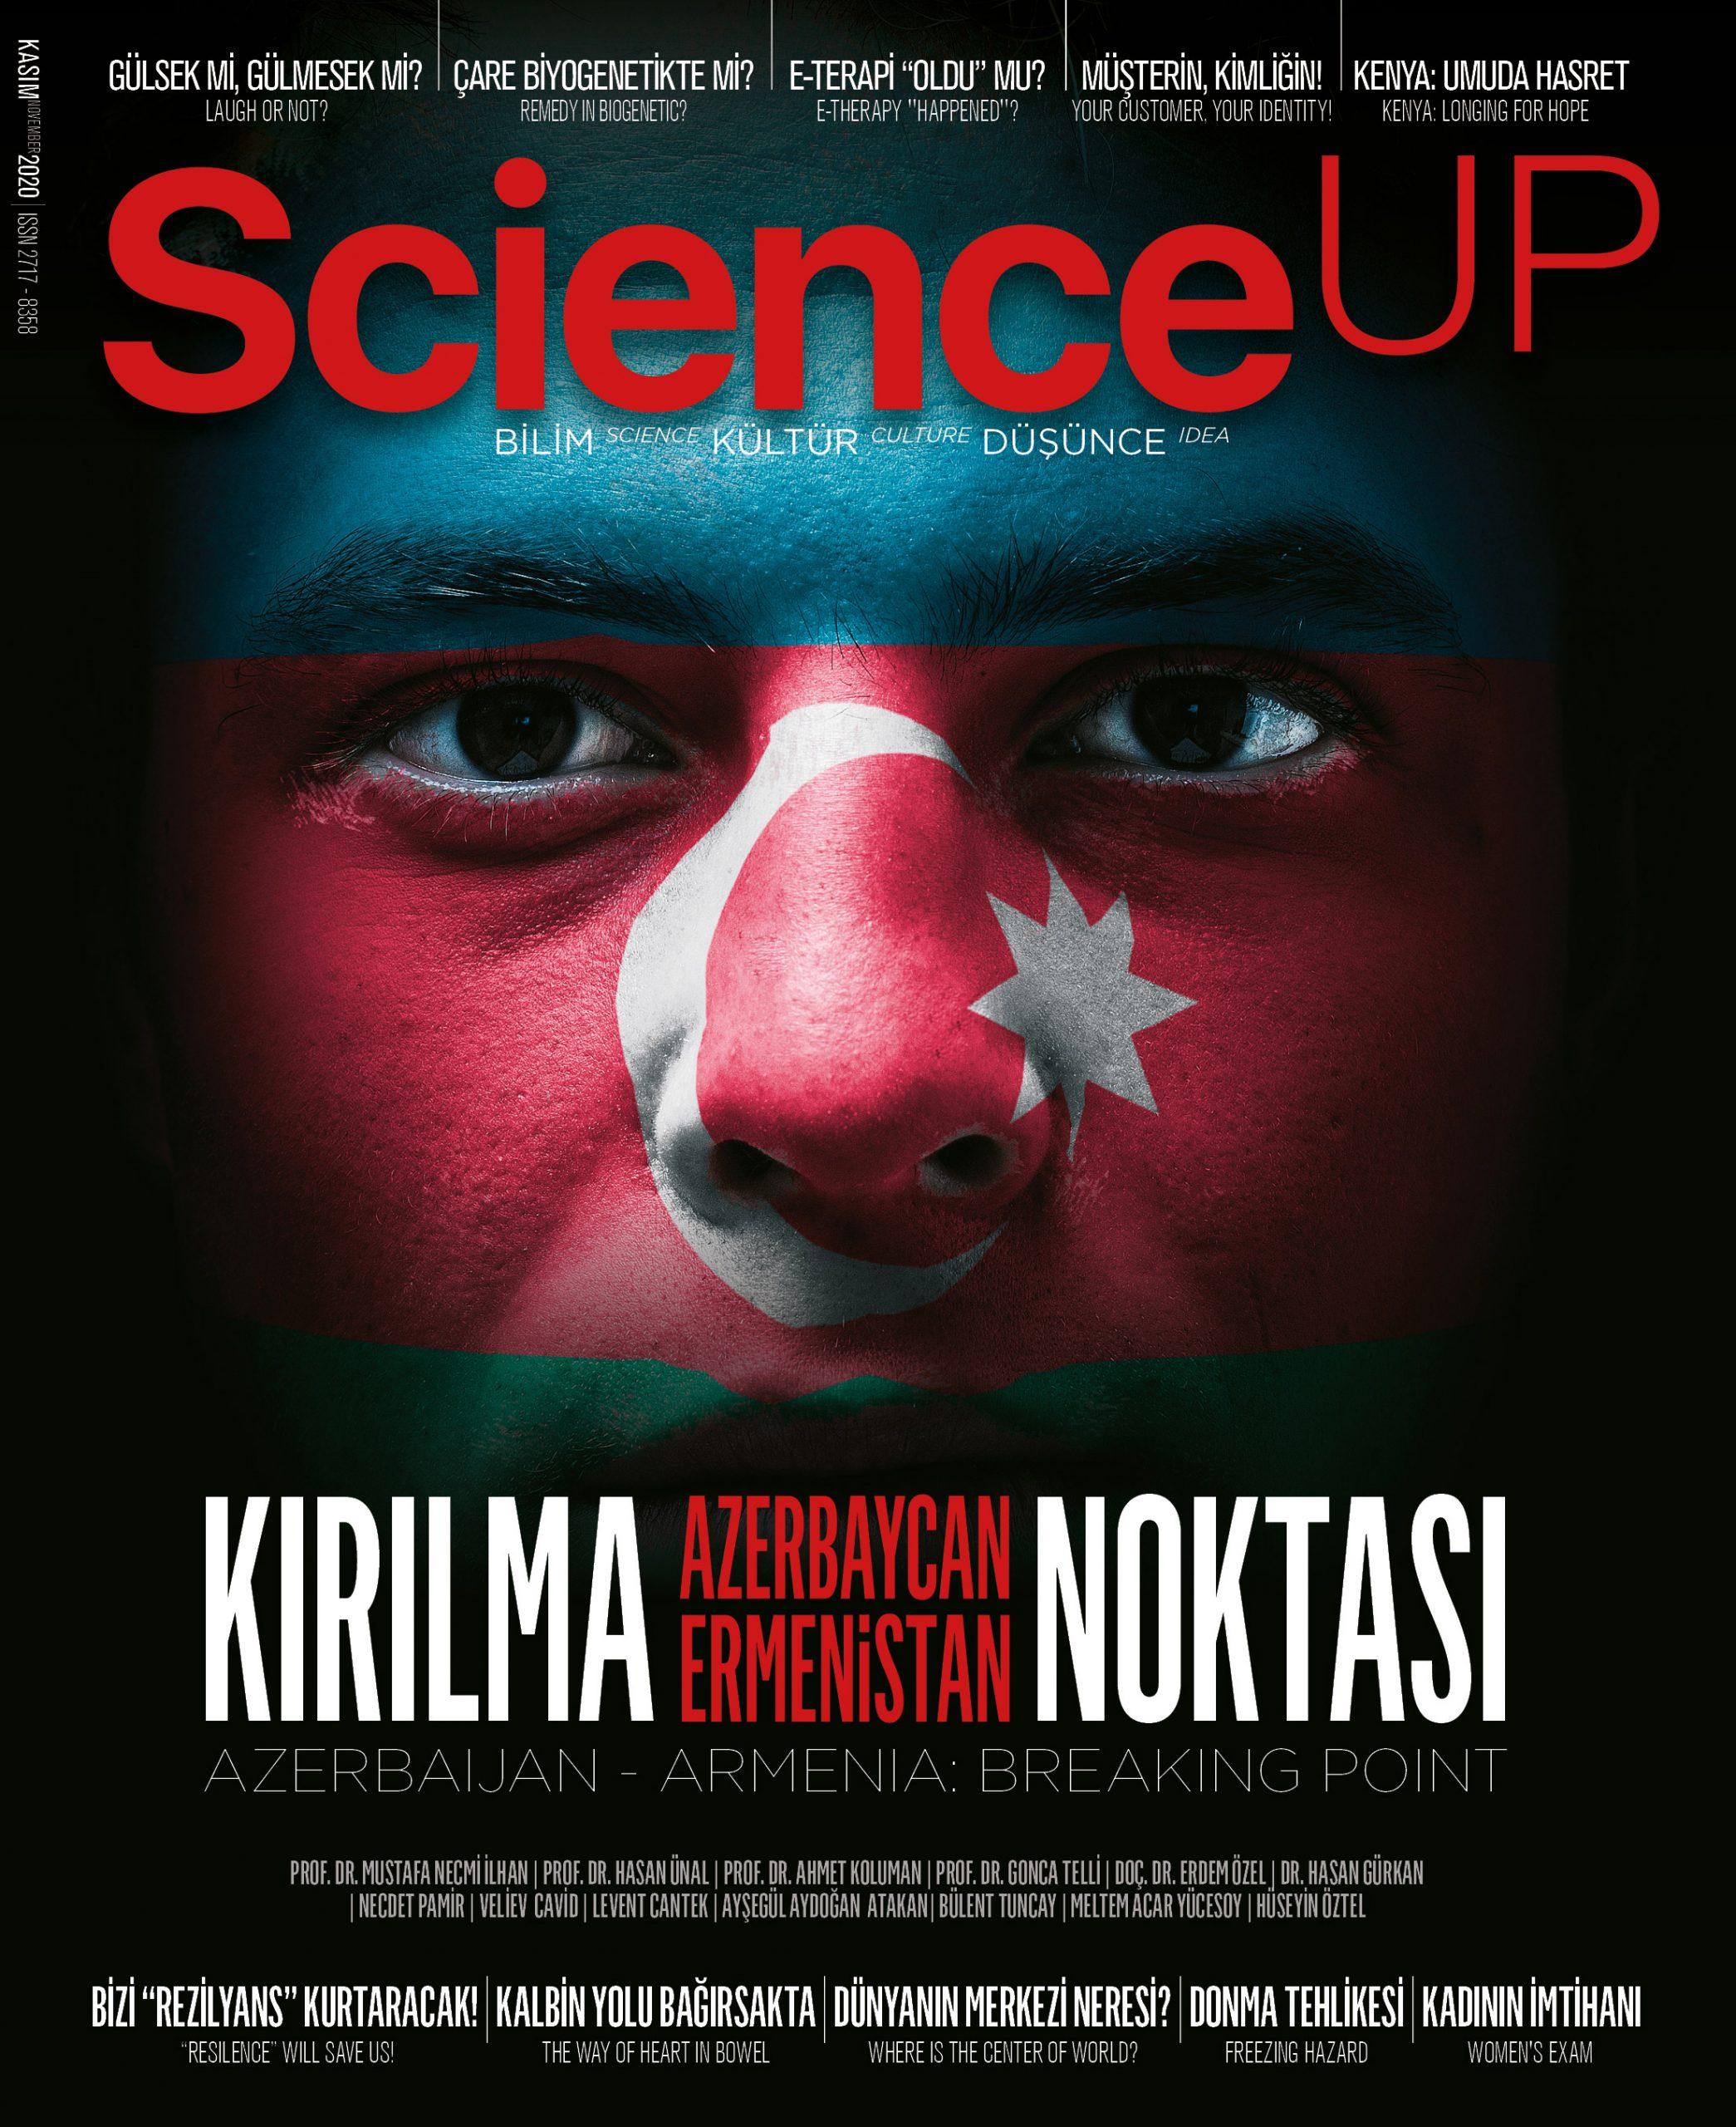 KIRILMA NOKTASI: AZERBAYCAN-ERMENİSTAN